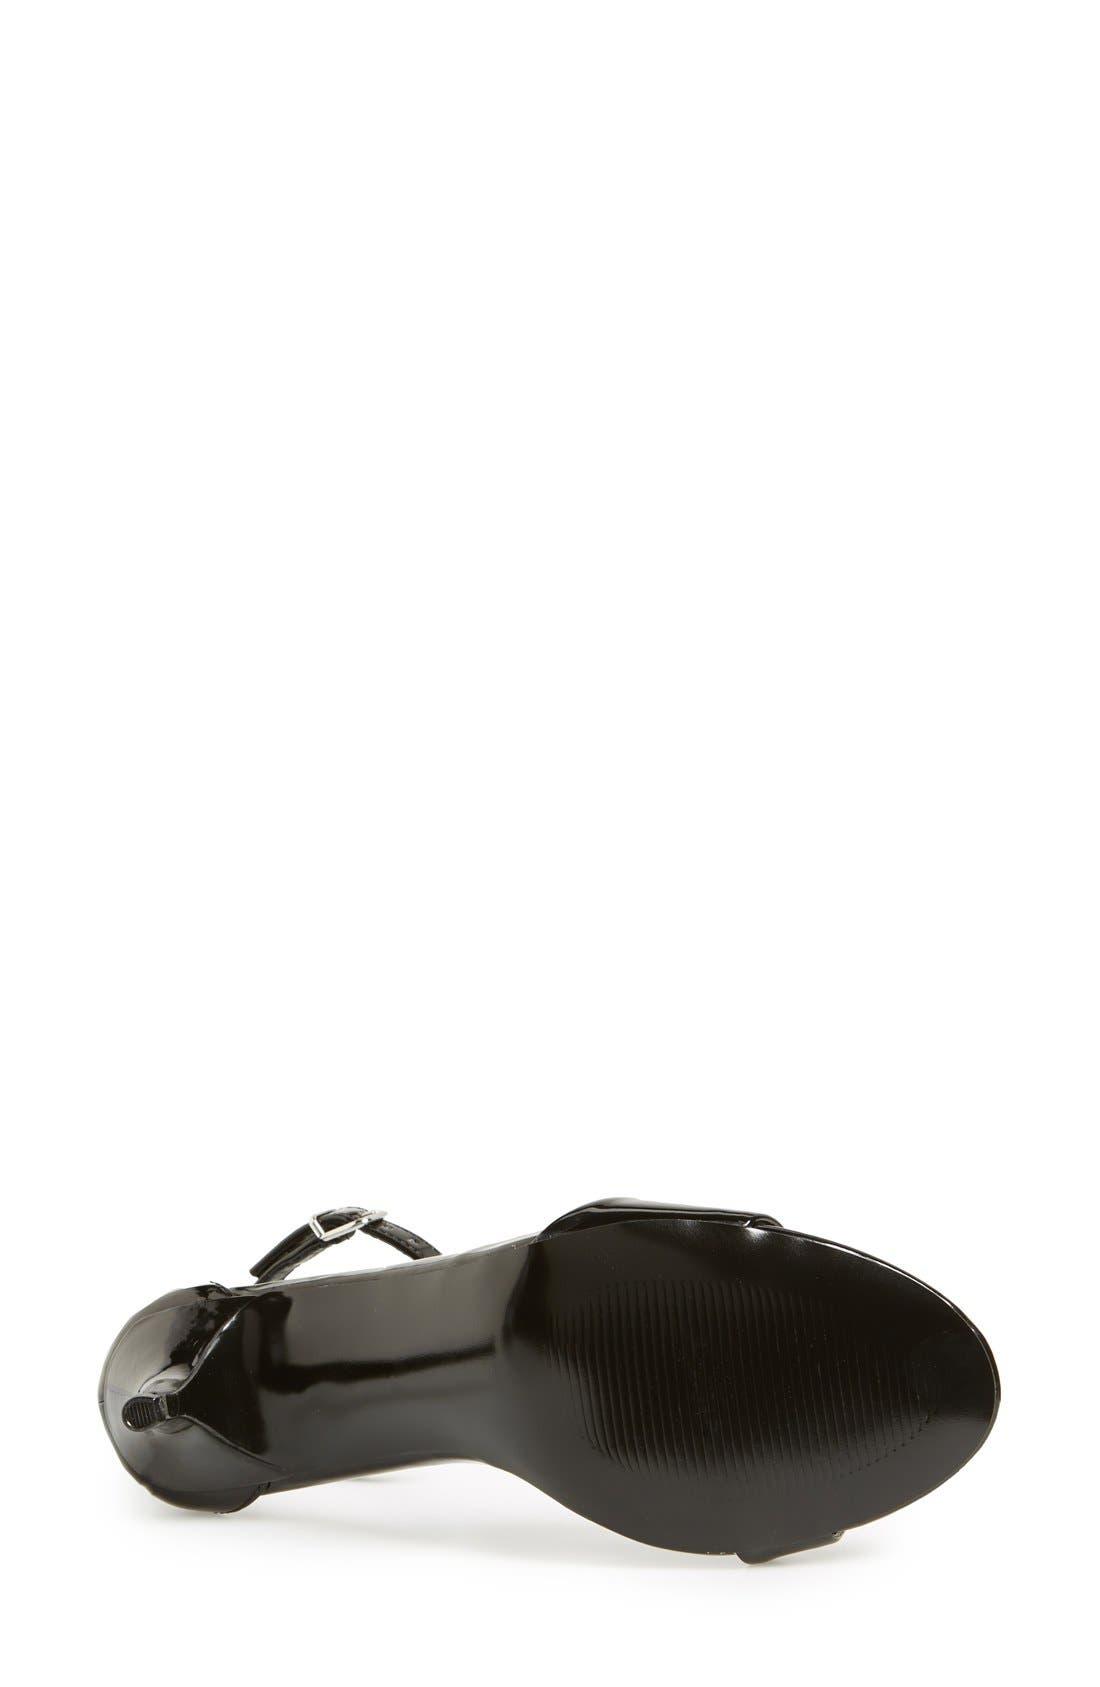 Alternate Image 2  - Steve Madden 'Sillly' Ankle Strap Sandal (Women)